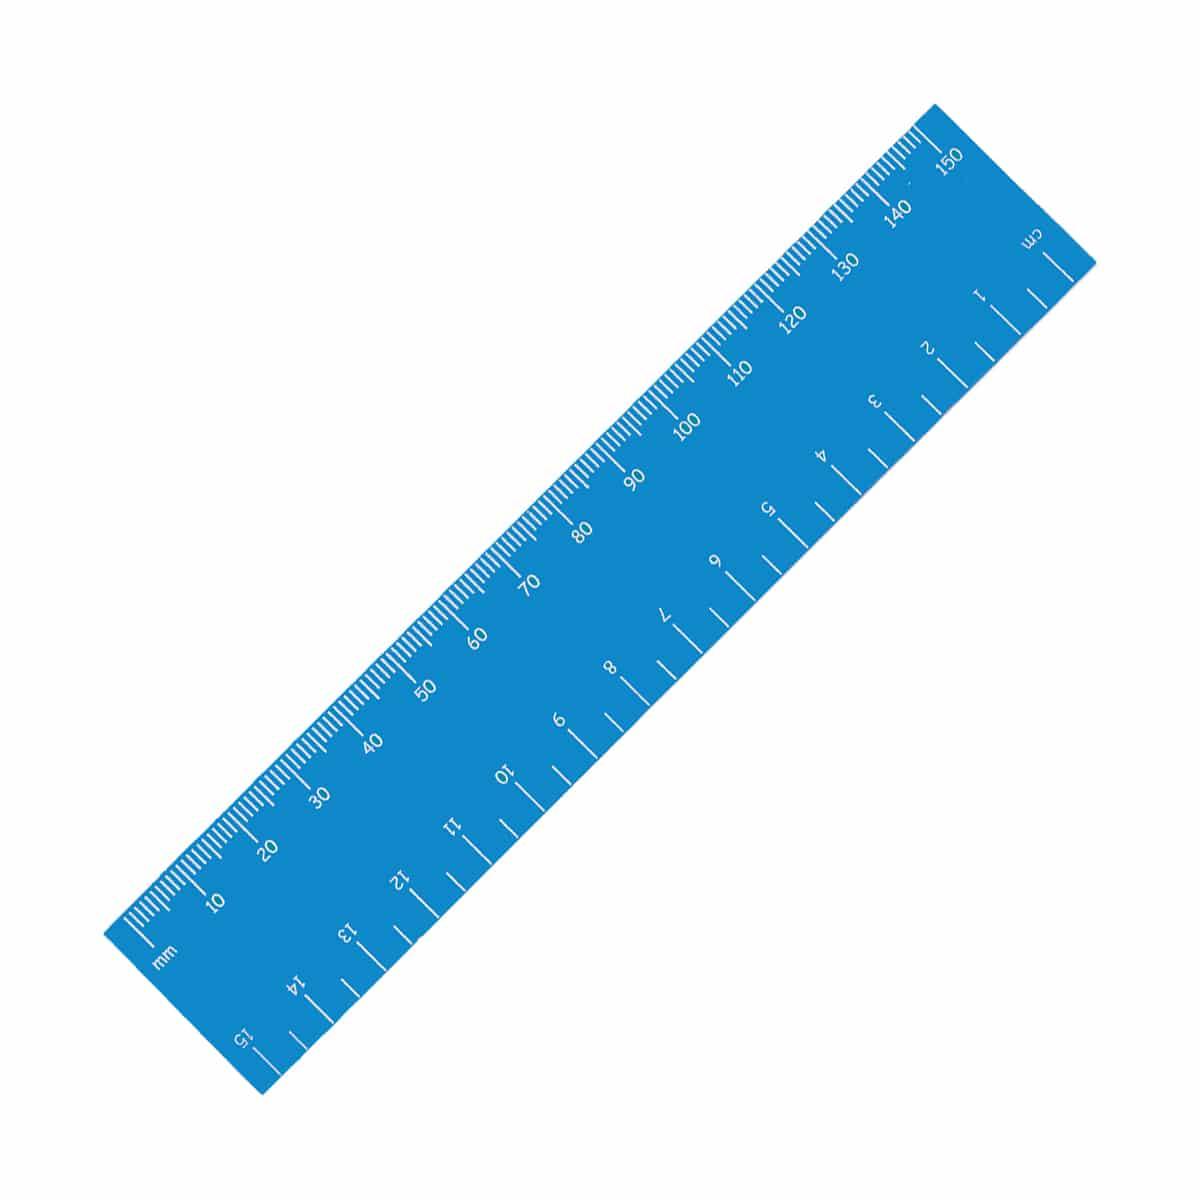 15Cm Jumbo Ruler